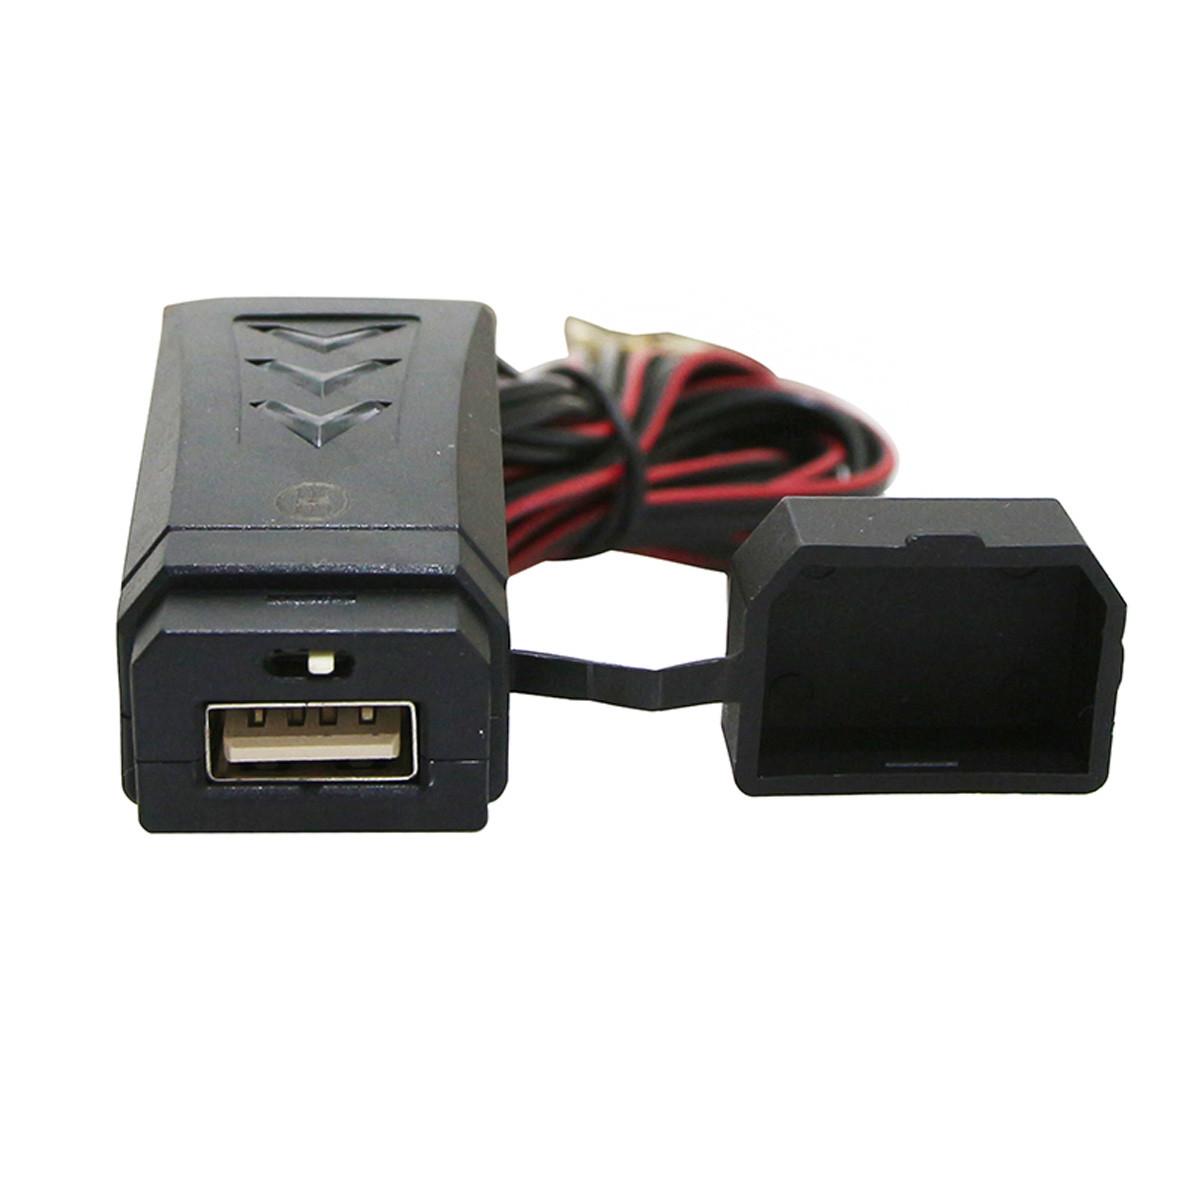 Chargeur USB sur guidon / carrosserie - 12V 2A avec interrupteur